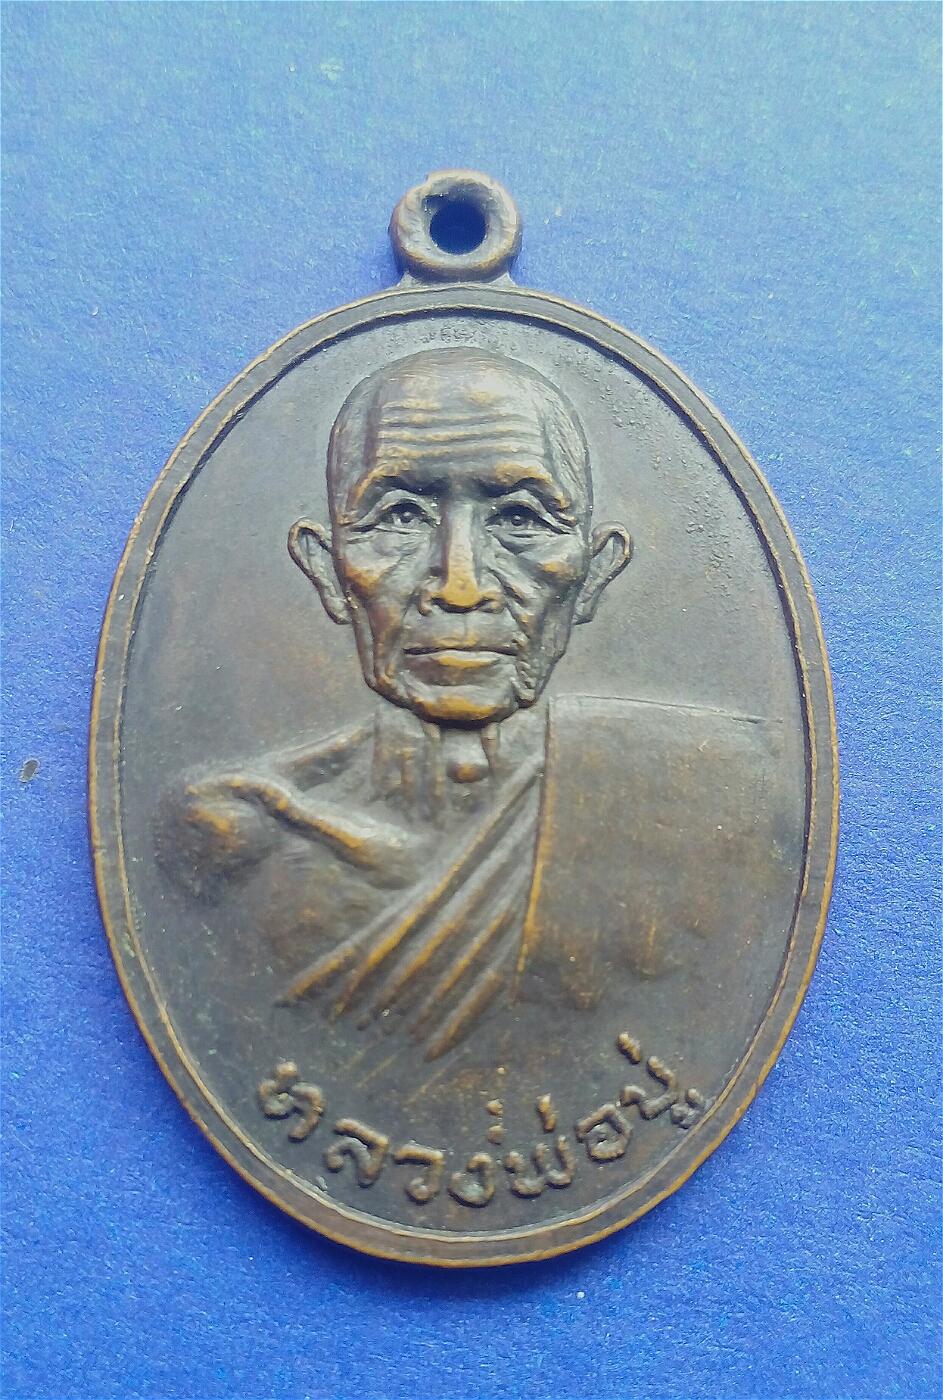 เหรียญหลวงปู่ บู่ วัดหนองคันจาม อ.บ้านนา นครนายก ปี 2519